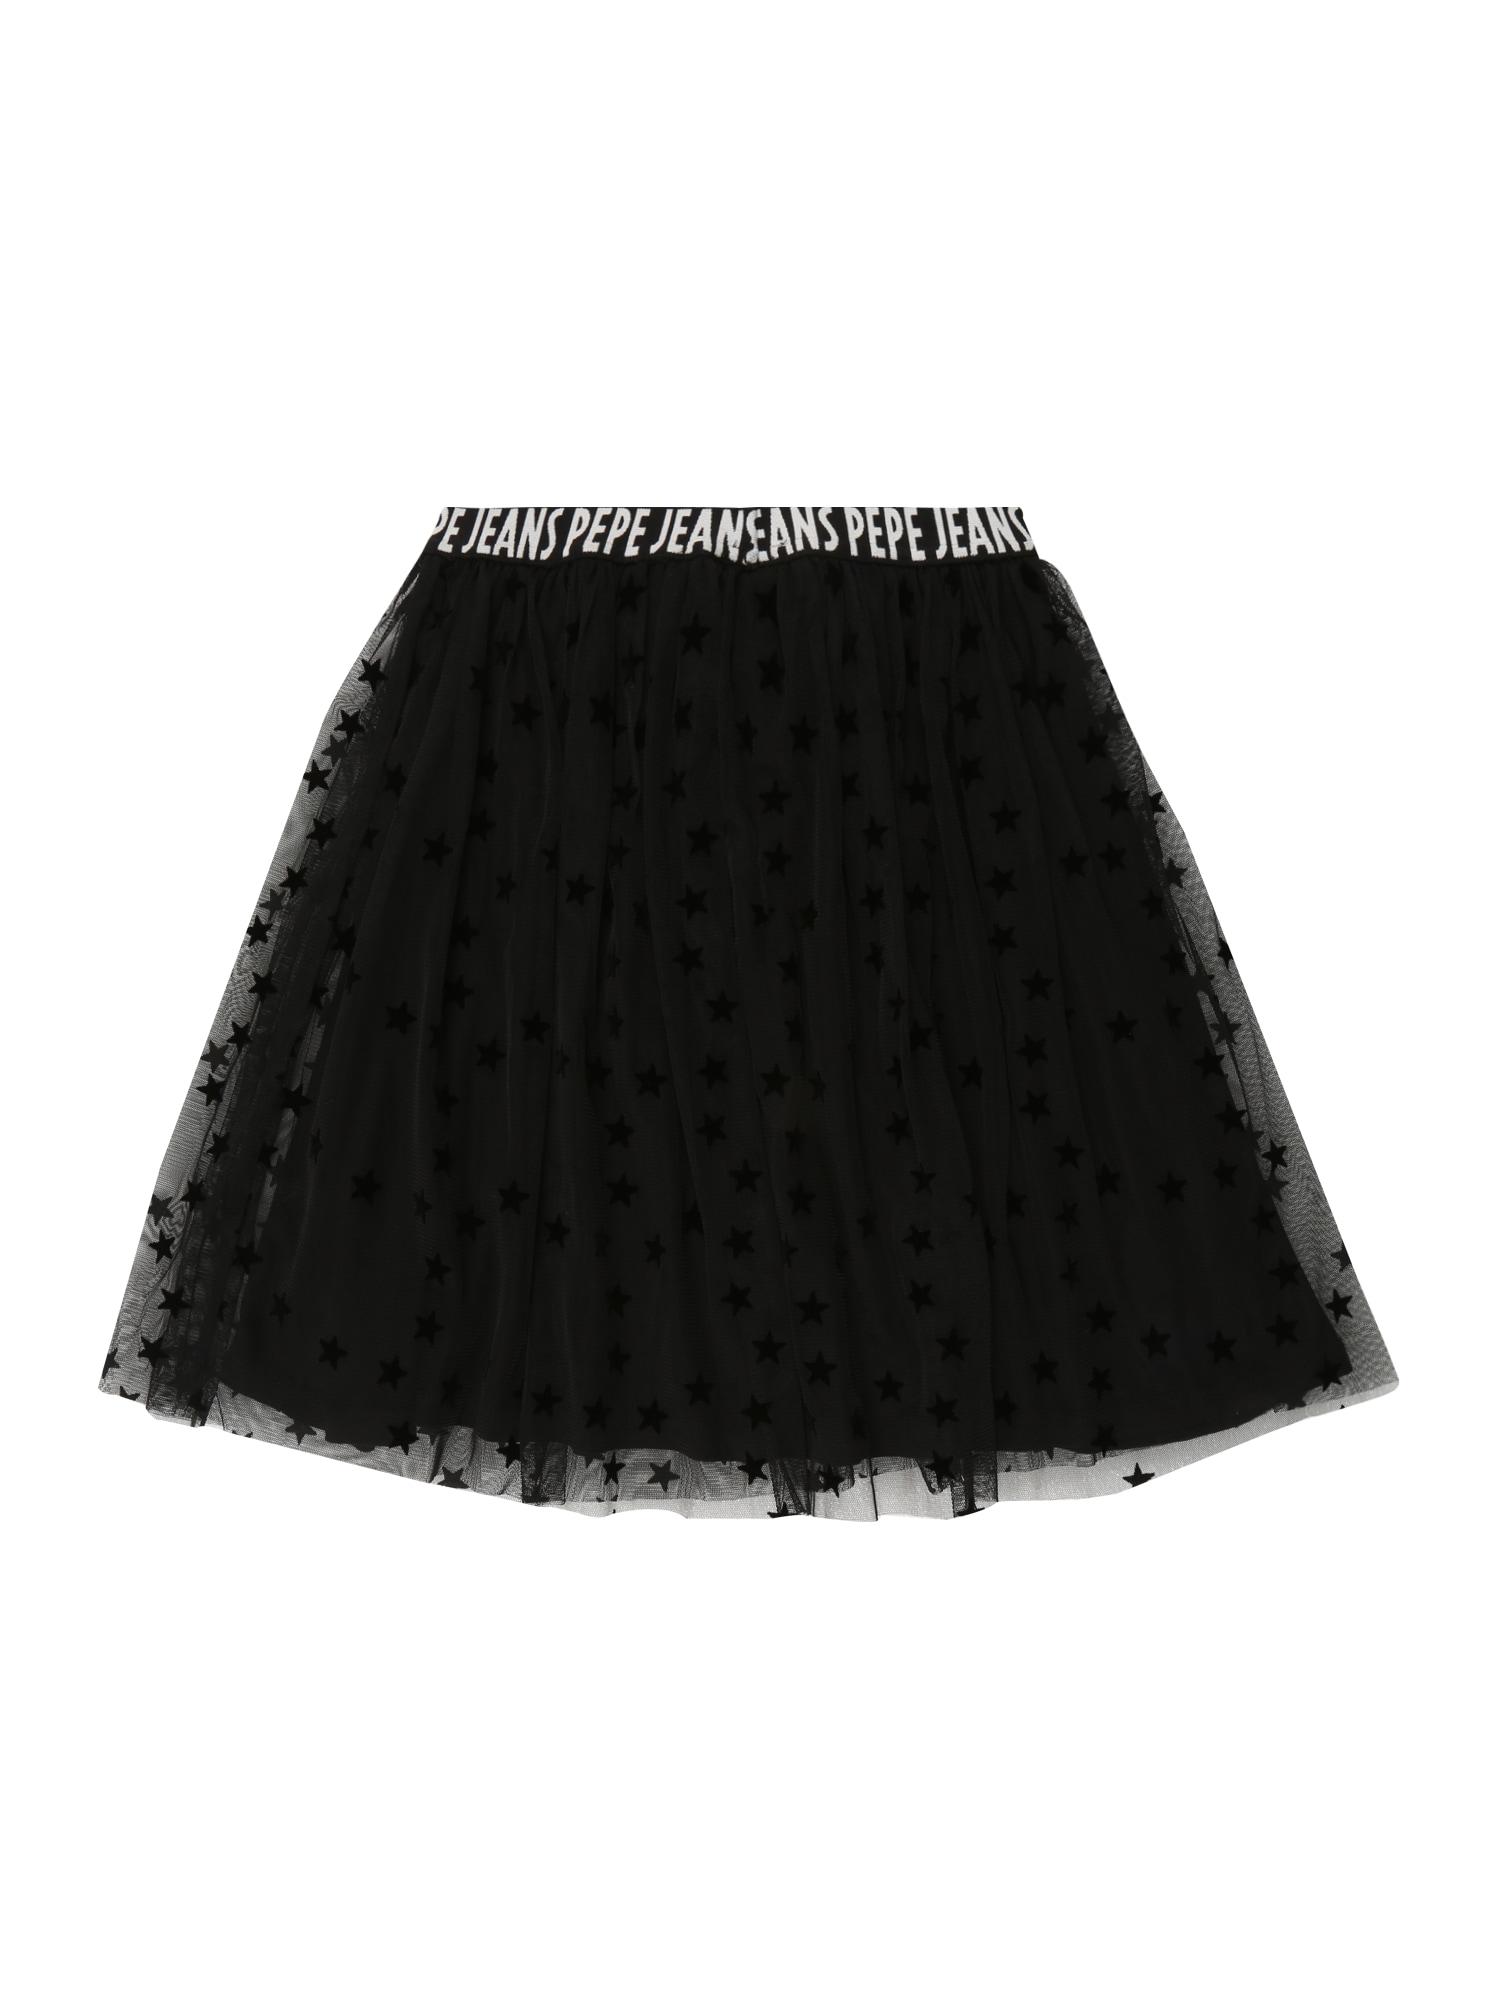 Pepe Jeans, Meisjes Rok 'SHELLY', zwart / wit